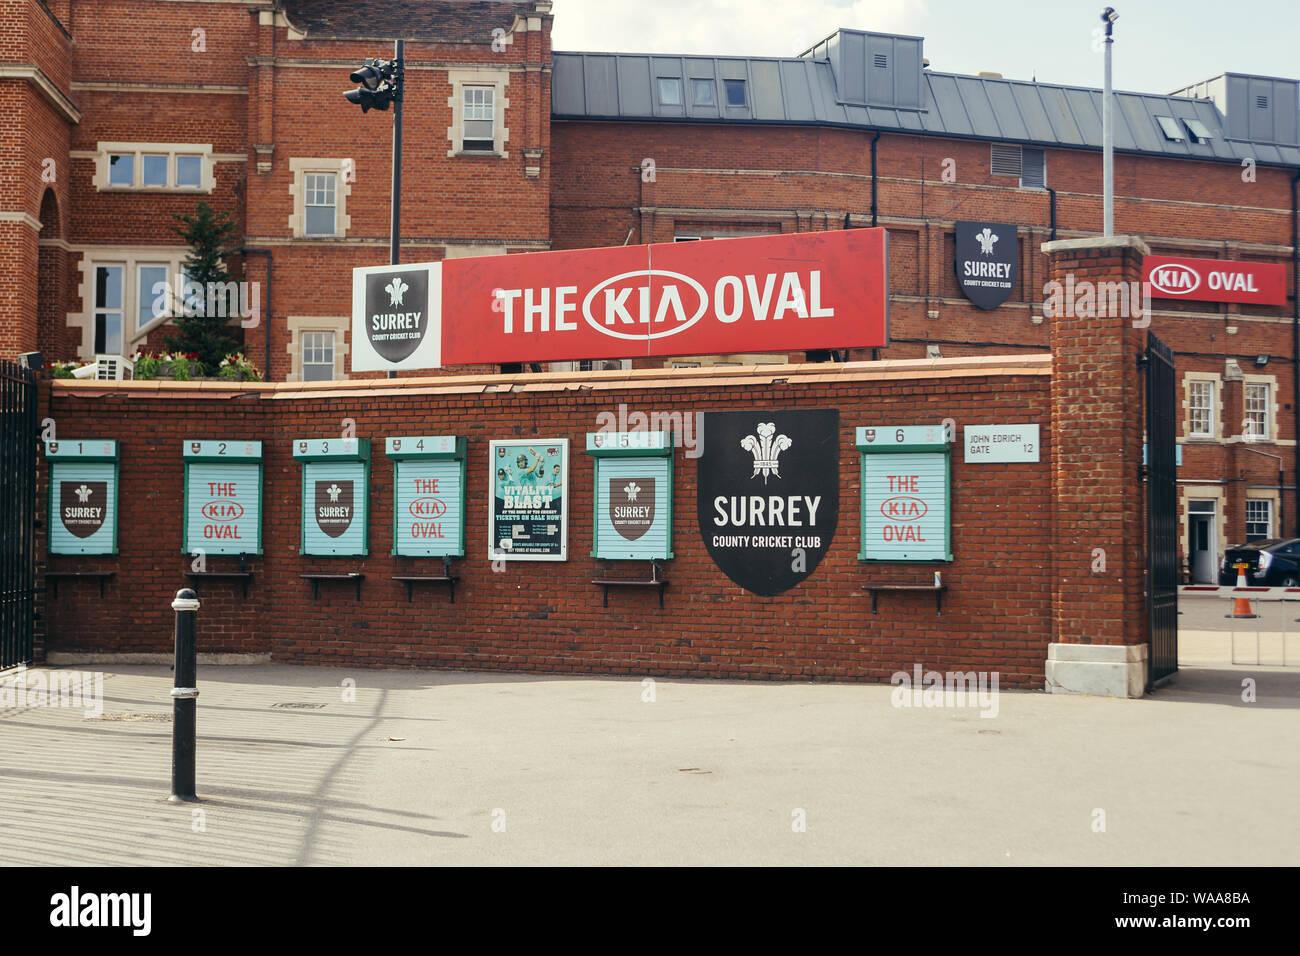 London / UK - Juillet 16, 2019: l'ovale, international cricket ground à Kennington dans le sud de Londres. Il a été le terrain du comté de Surrey Cricke Banque D'Images